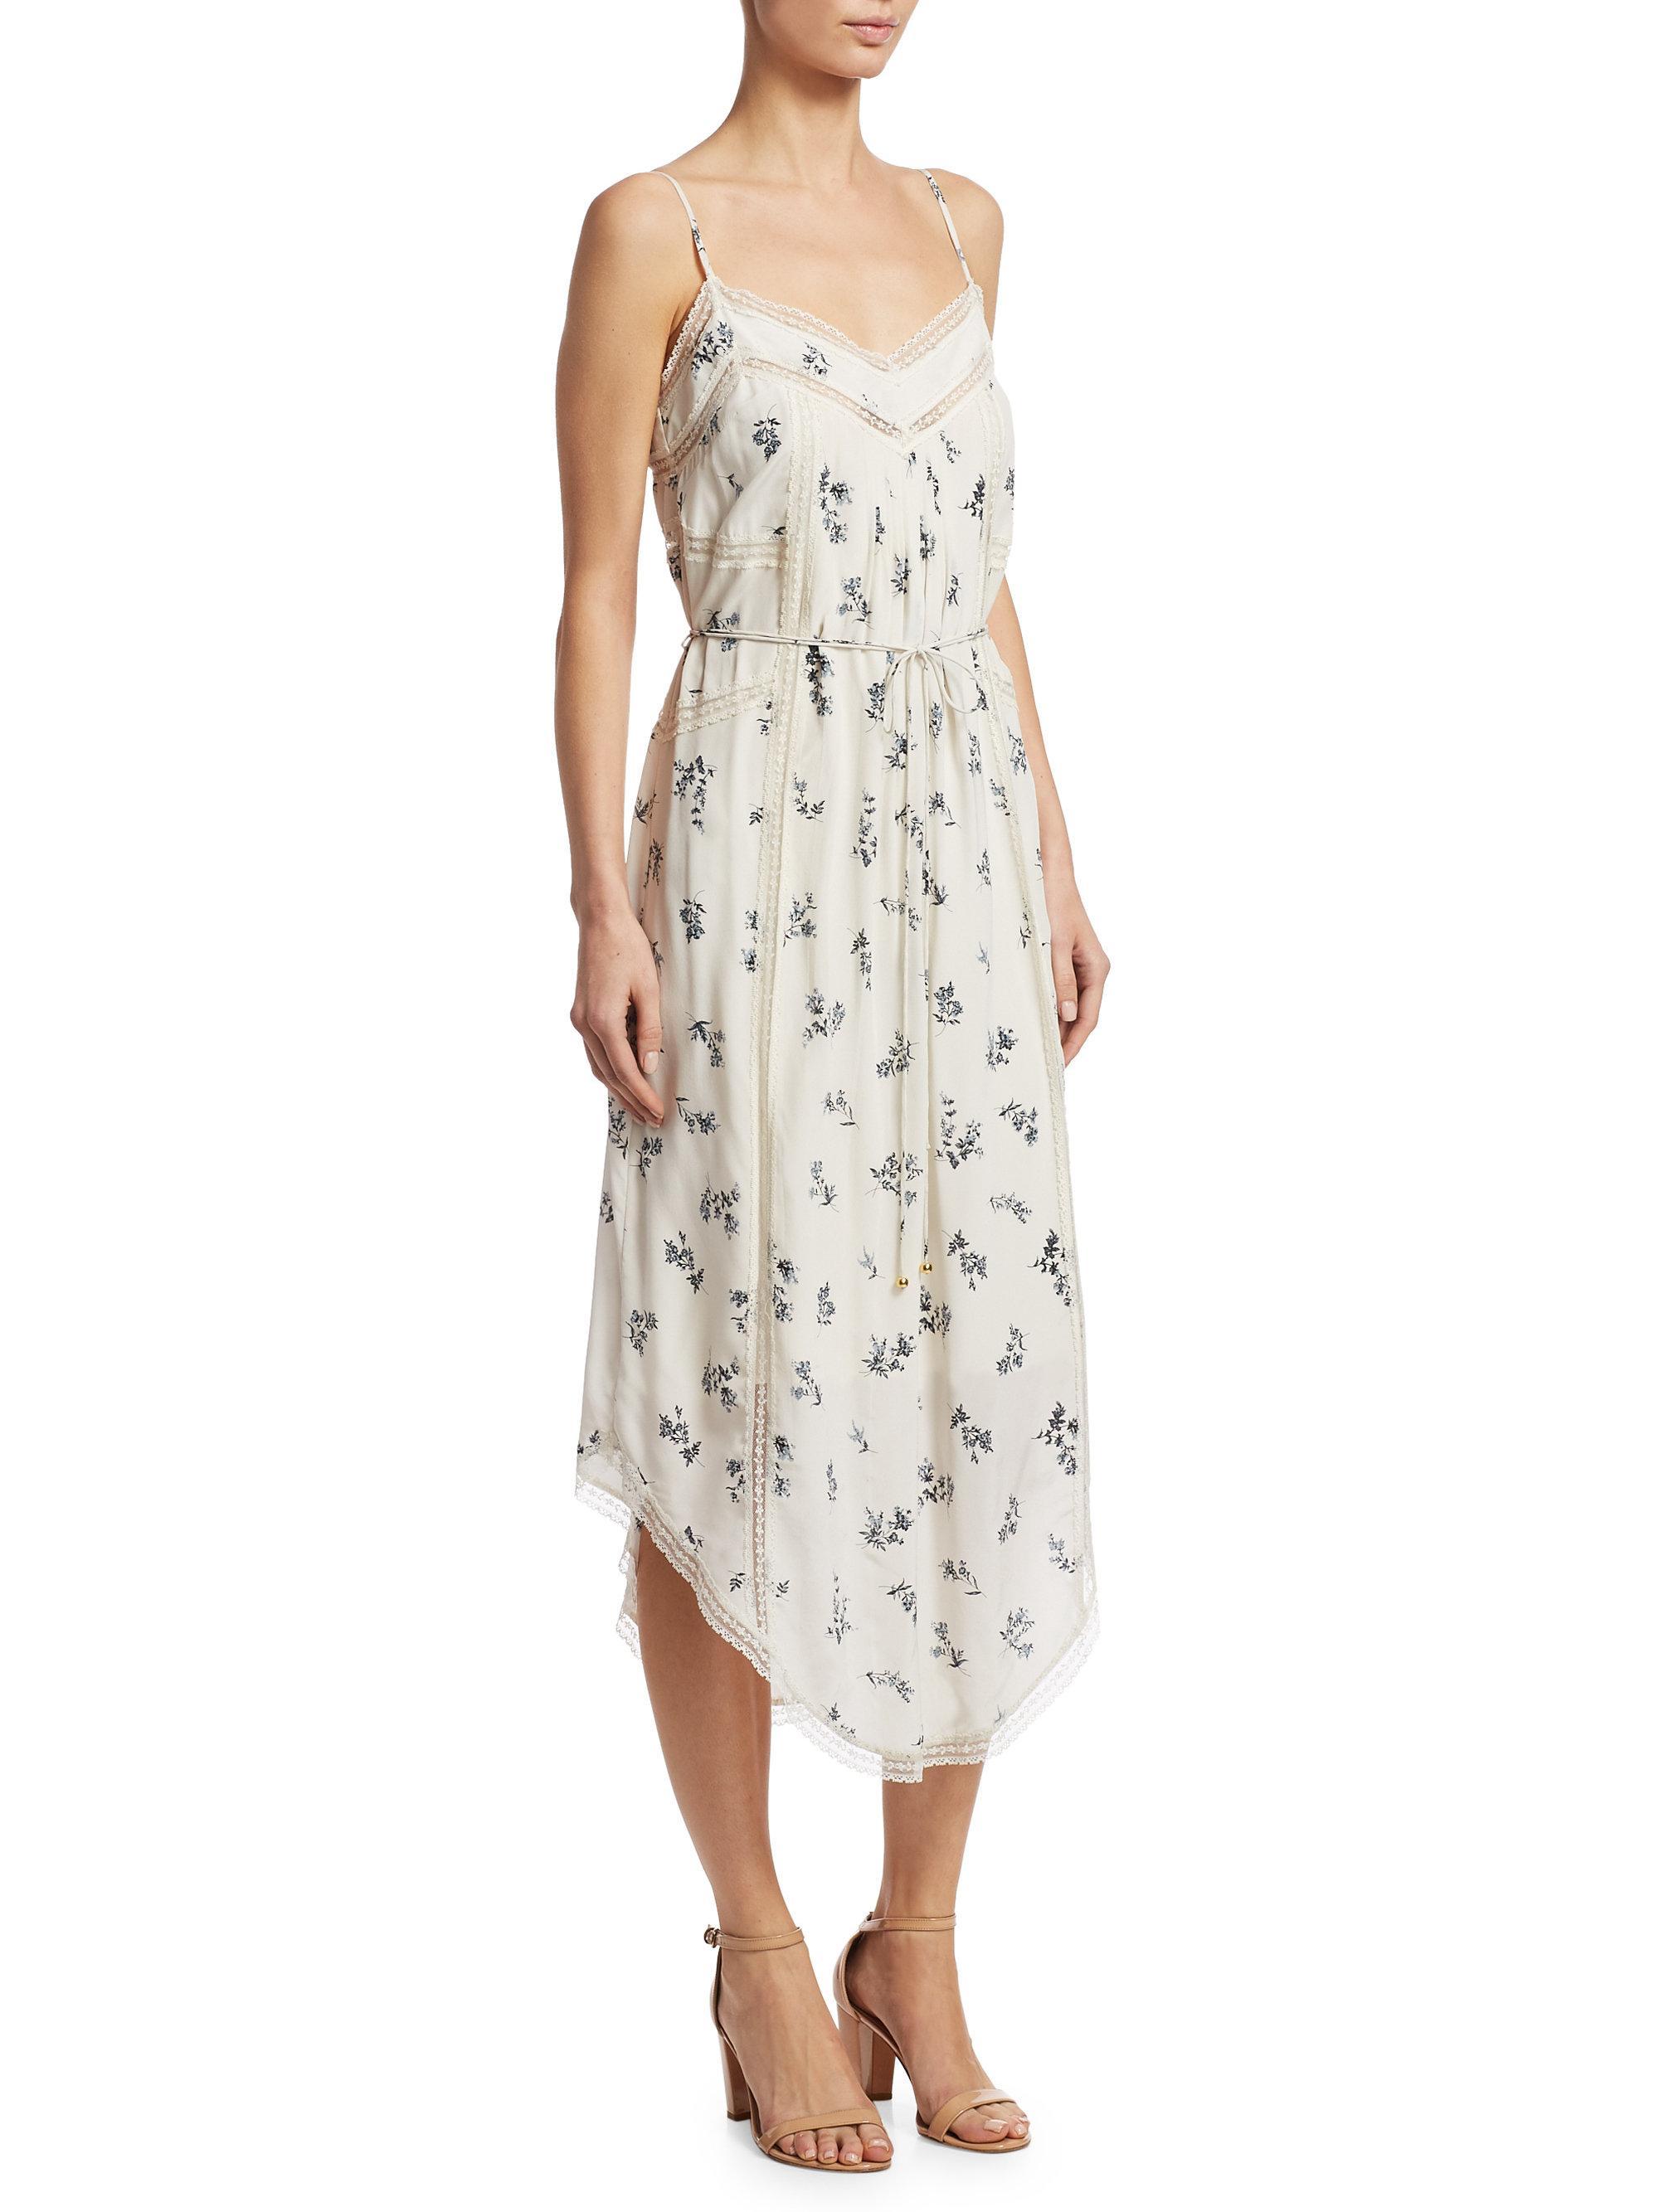 bfa3d1fa60e8 Zimmermann Pintuck Slip Dress - Lyst